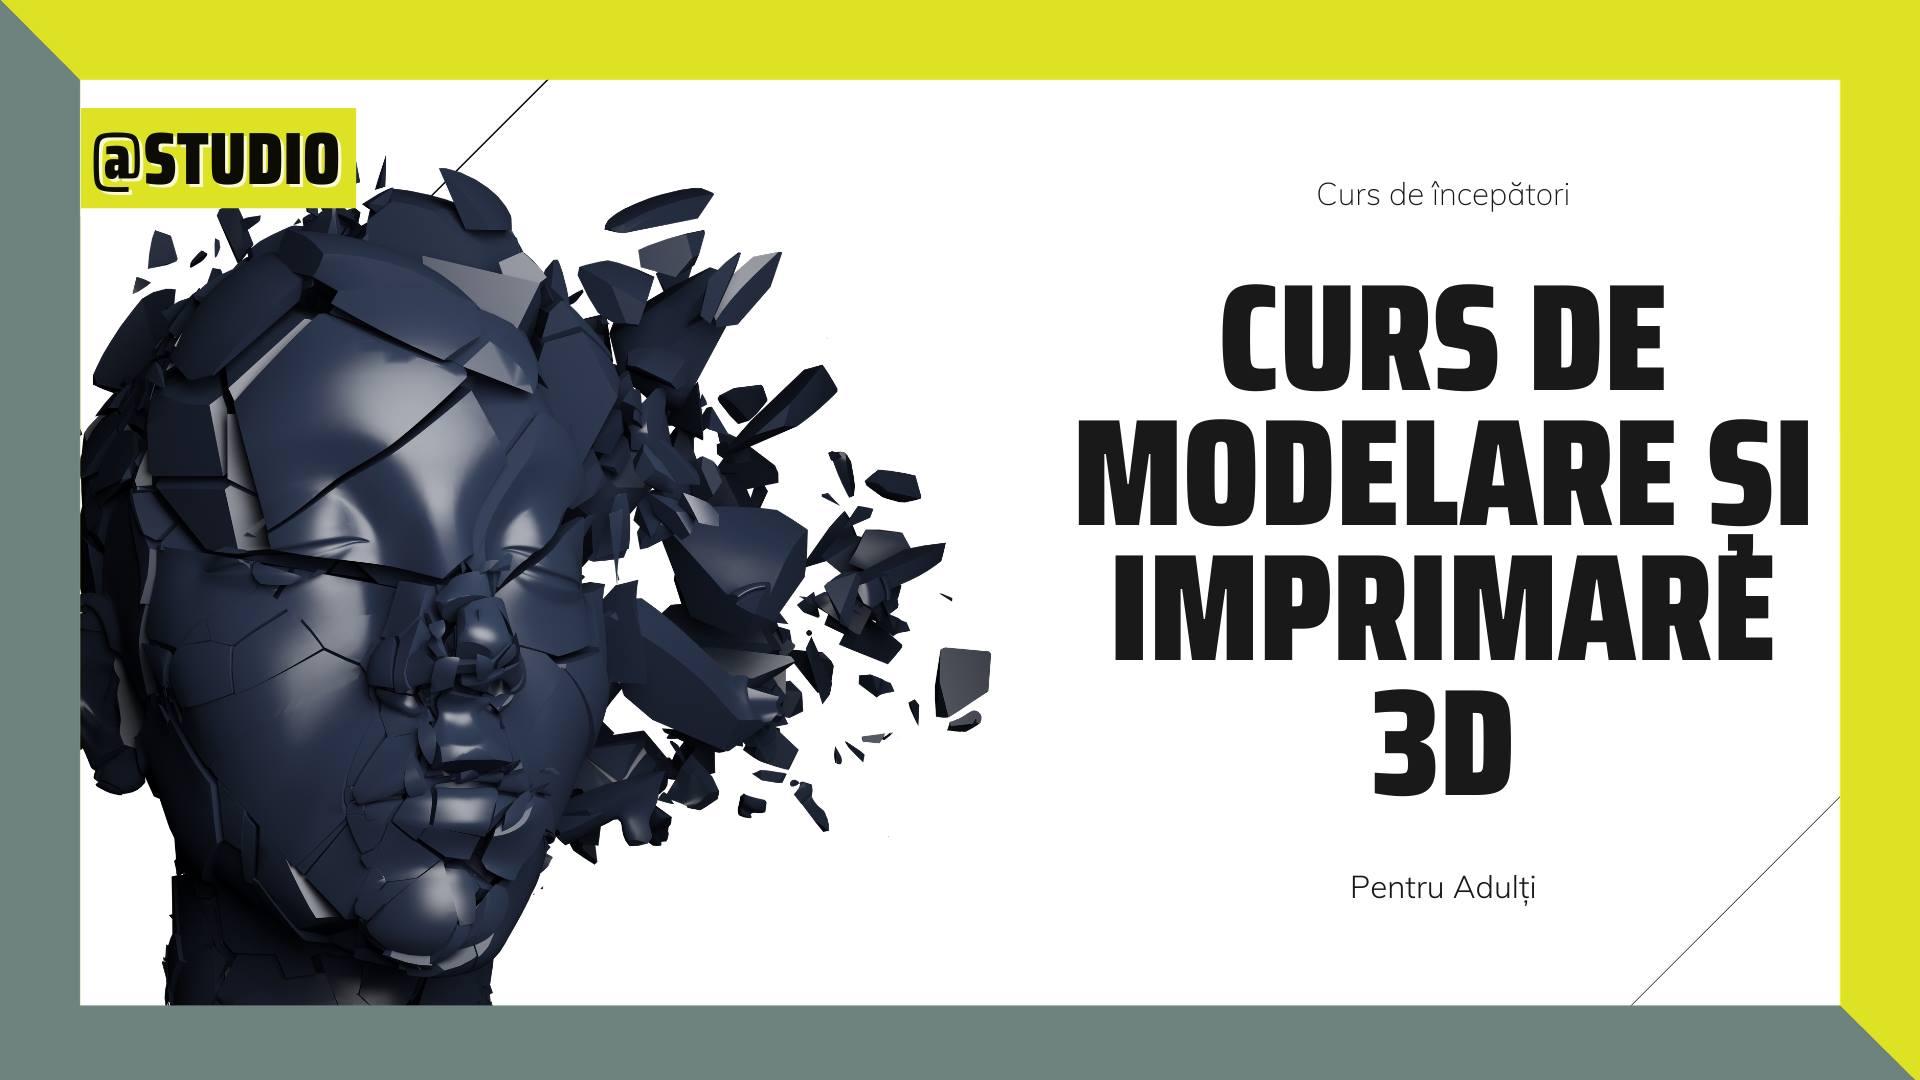 Curs de modelare și imprimare 3D @Studio, 15 ani +